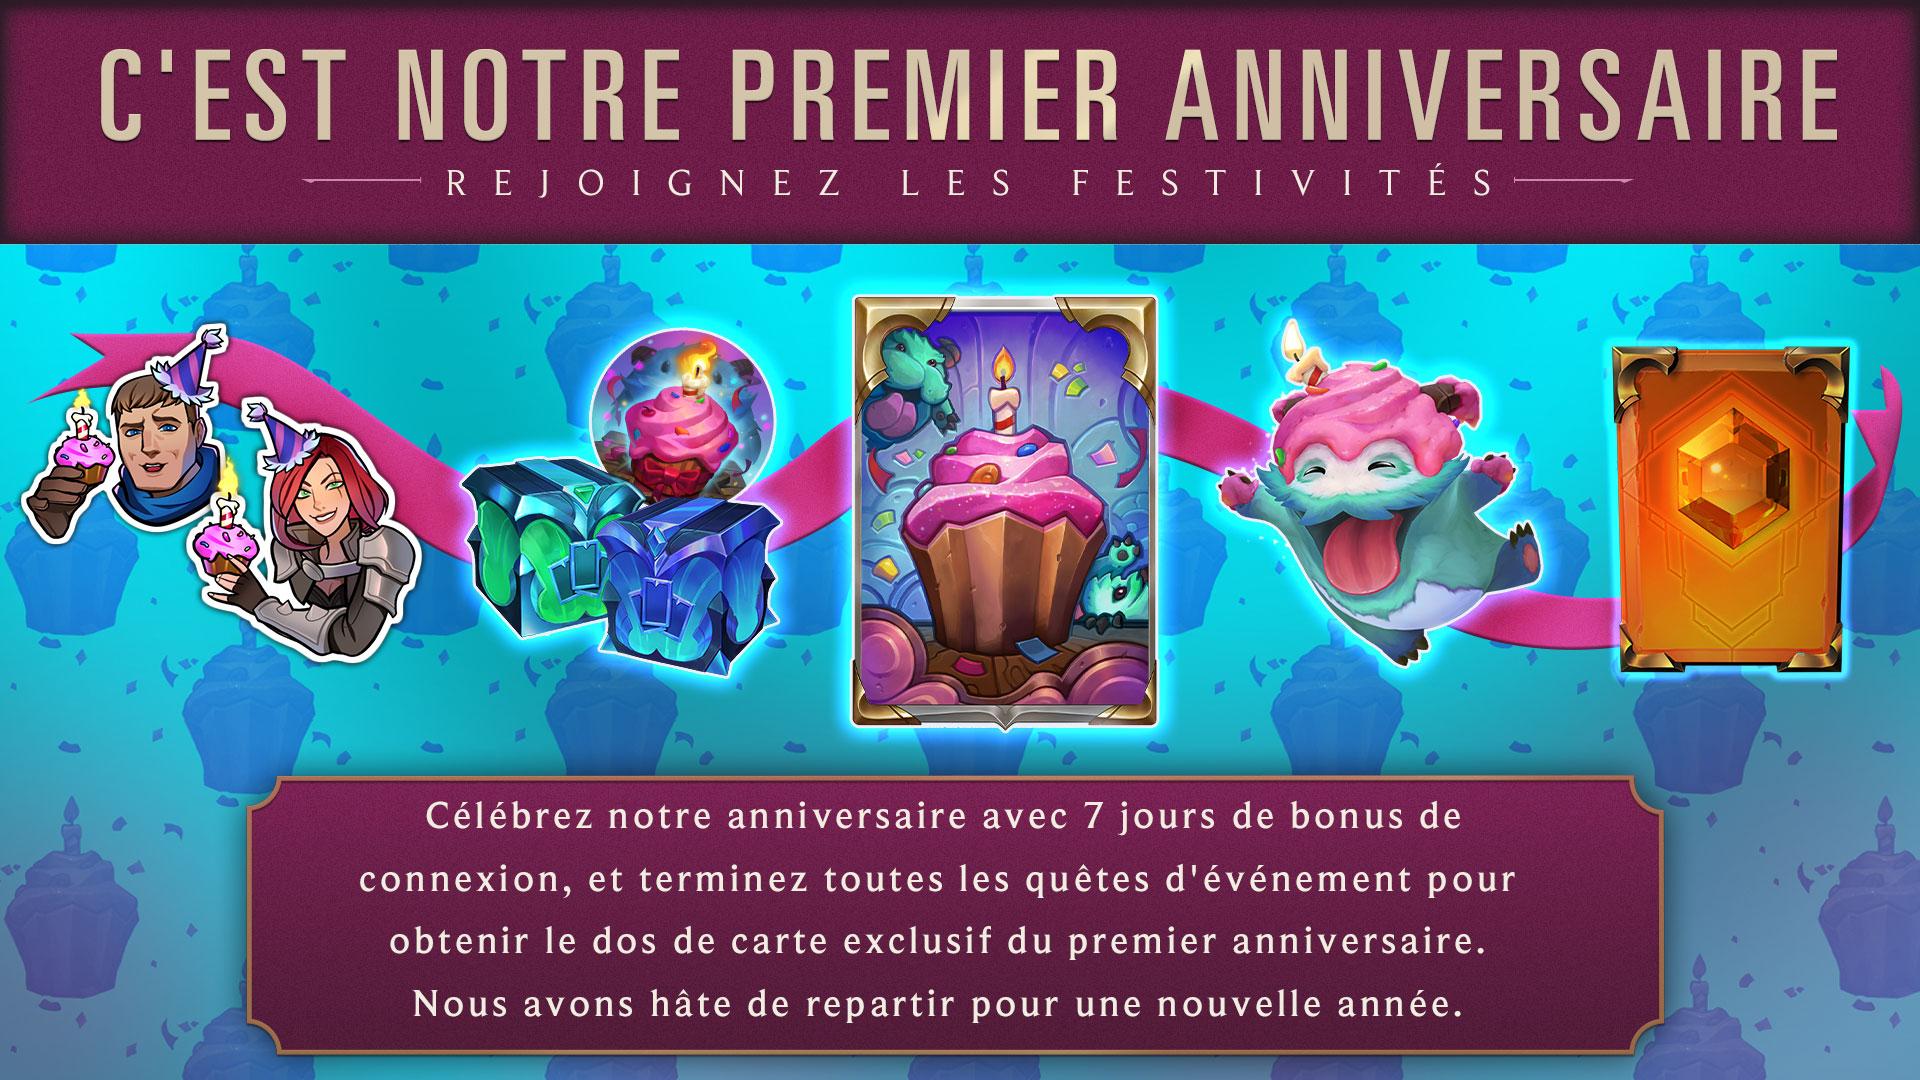 Modal_LoR_Anniversary_v2-fre.jpg